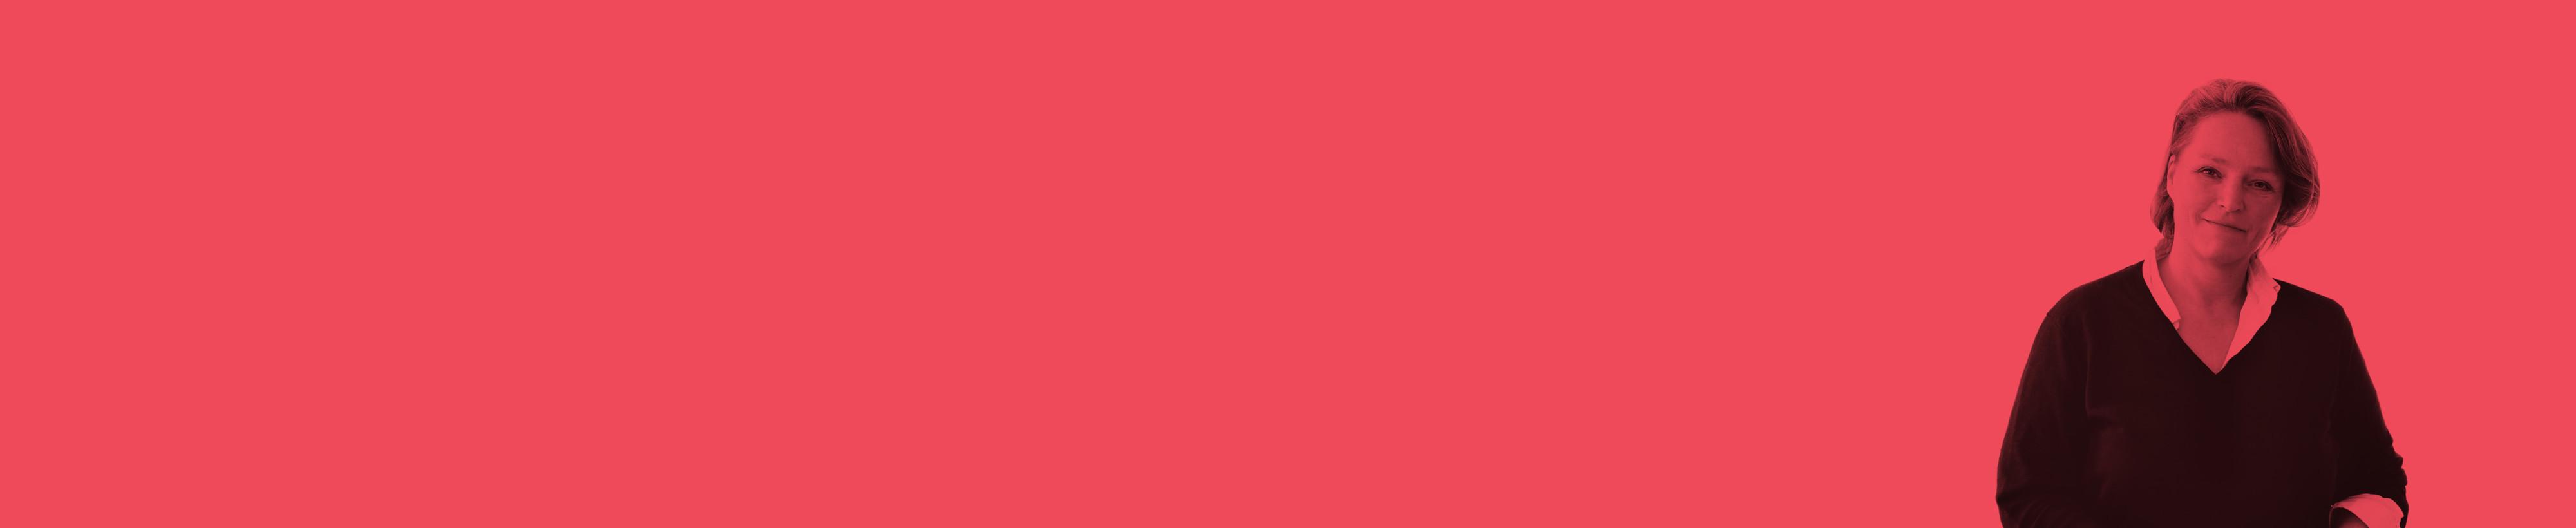 dlc-clementine-kuckei-farbe-1